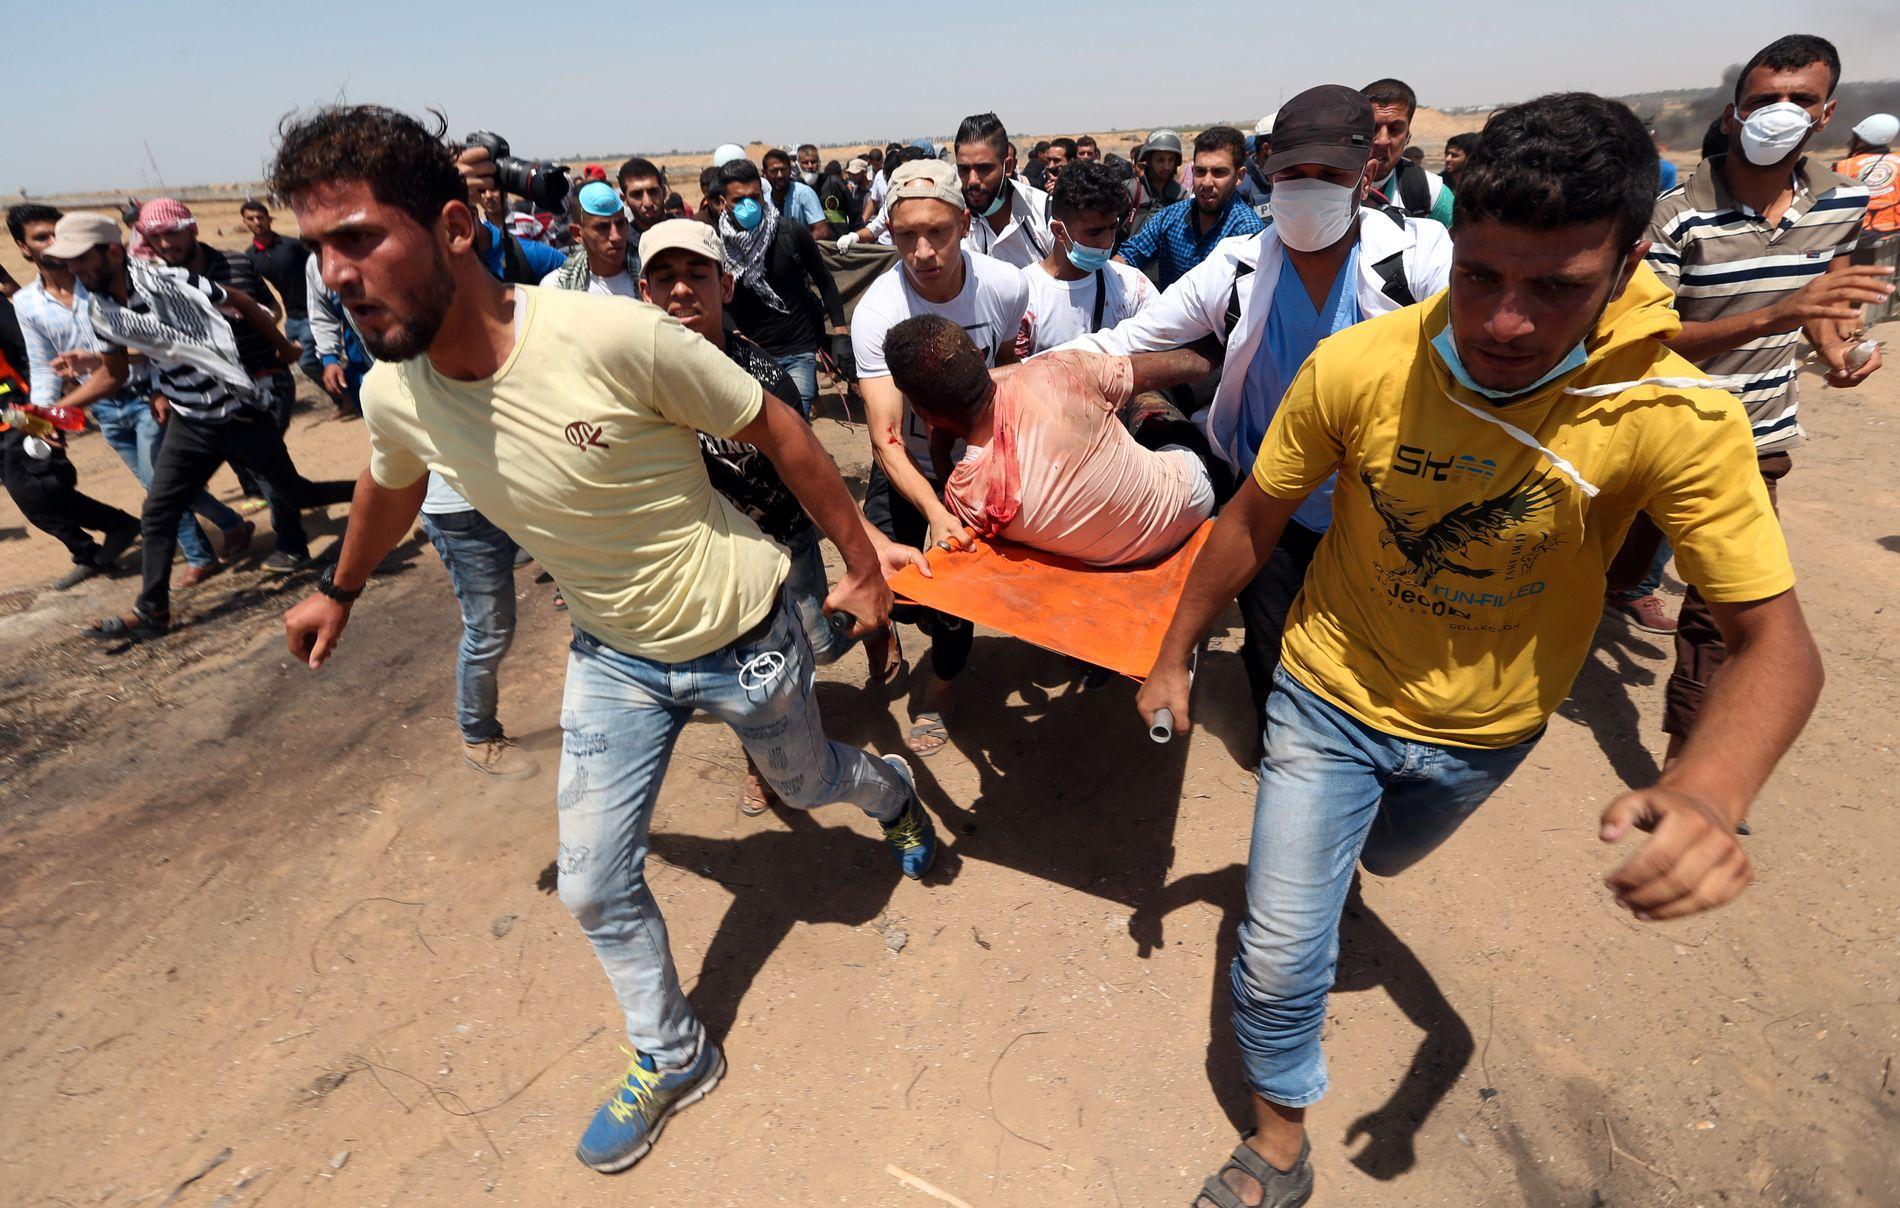 FRAKTES UT: Palestinere evakuerer demonstranten som fikk en tåregassgranat i kinnet.